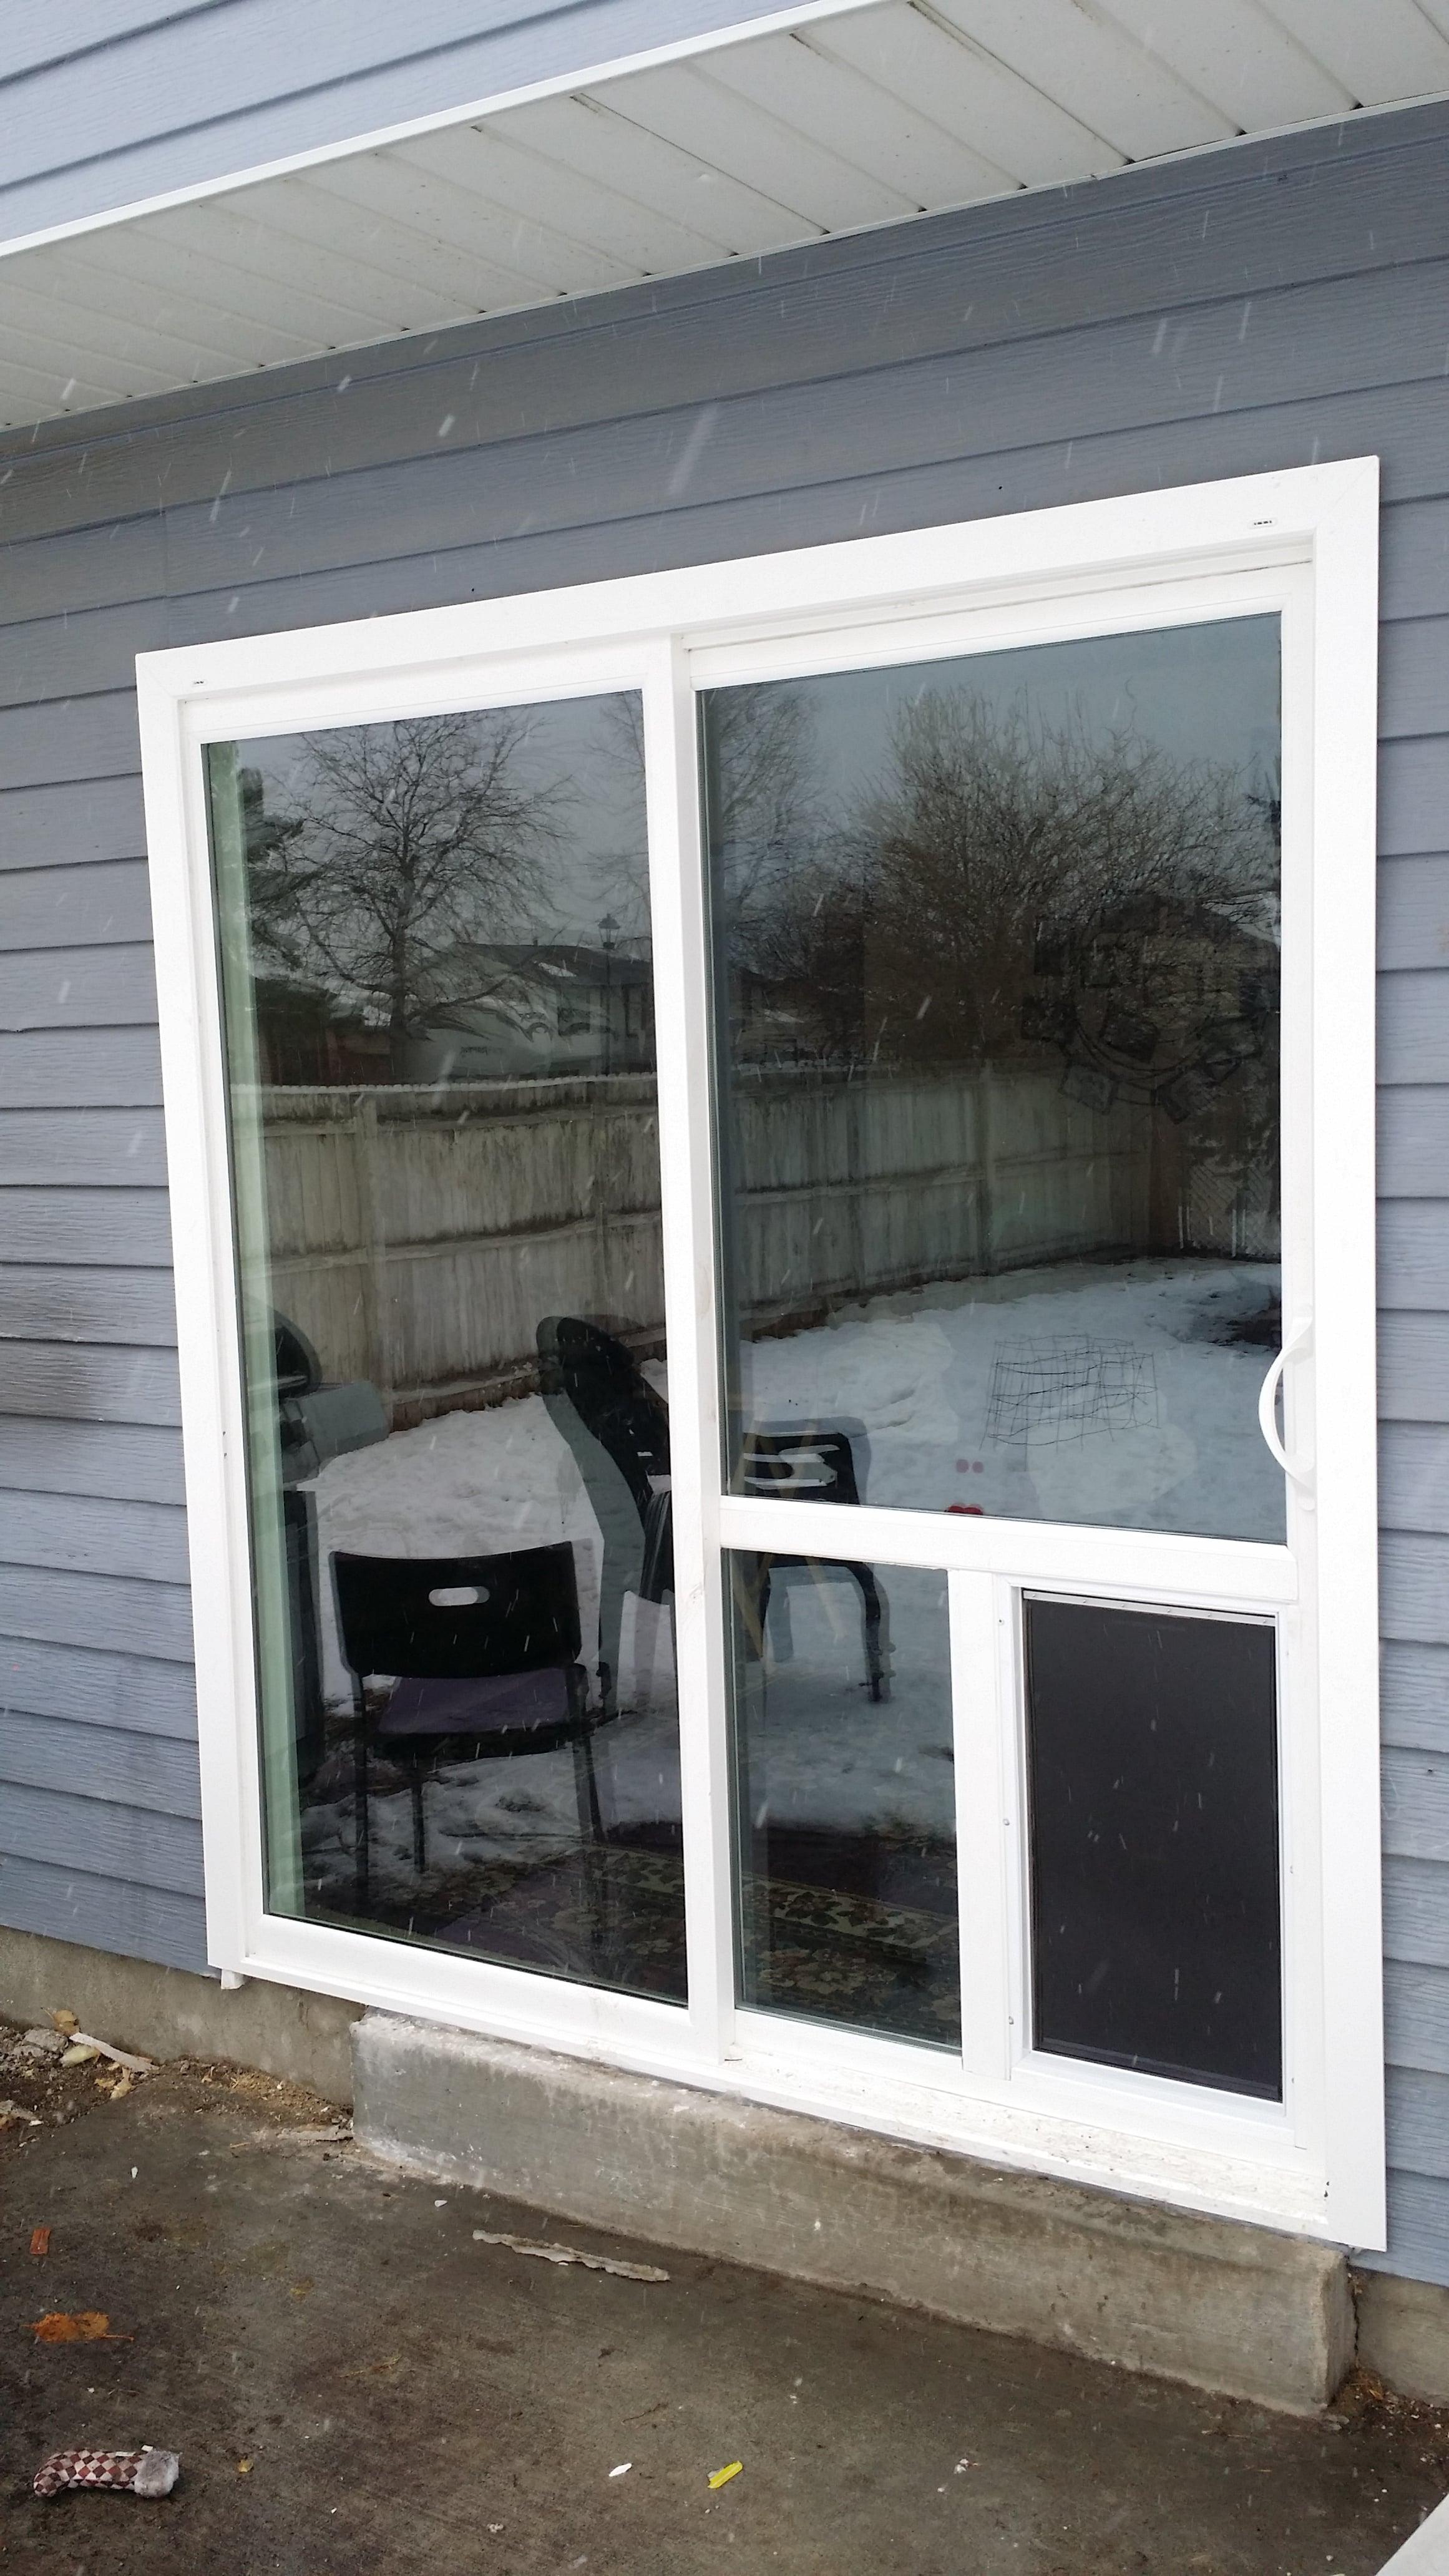 Doggy door in a sliding patio door